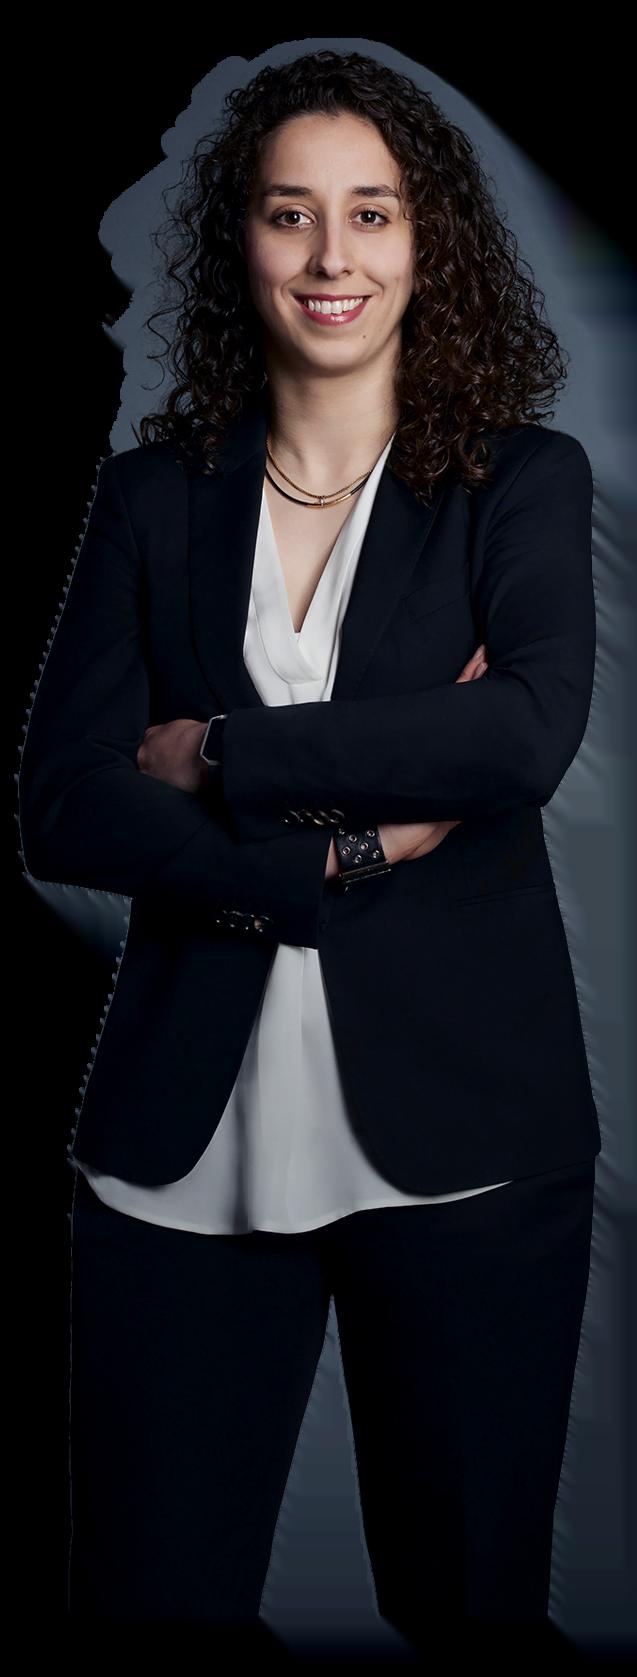 Kristina Ashqar